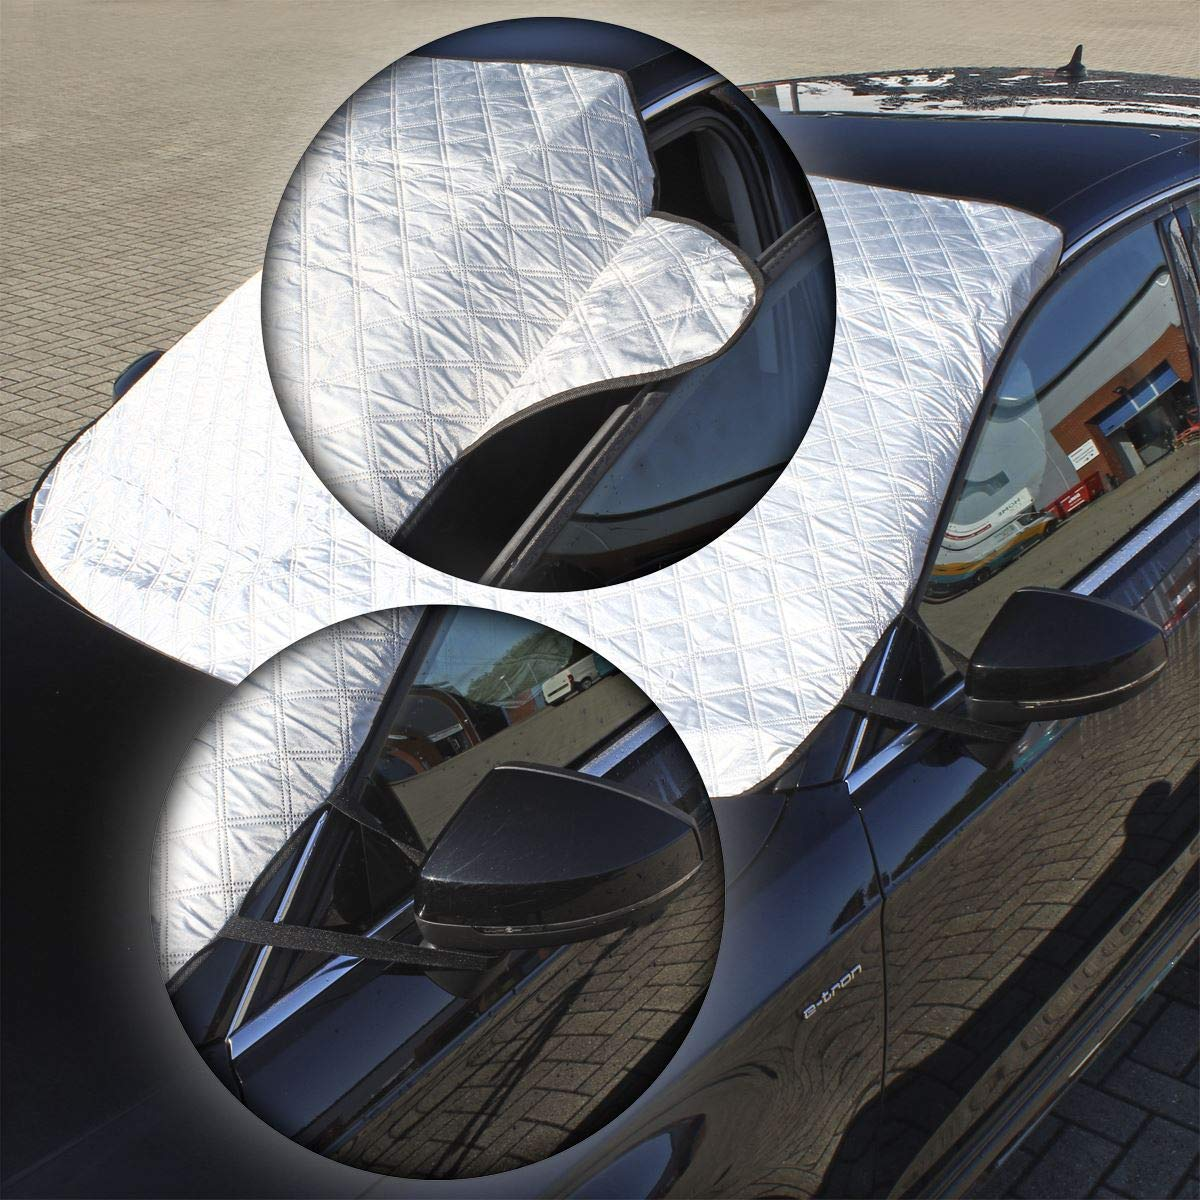 CampTeck U6911 145 x 119 cm Frontscheibenabdeckung Auto Frostschutz Autoscheibenabdeckung Sonnenschutz windschutzscheibe universelle Passform - Silber